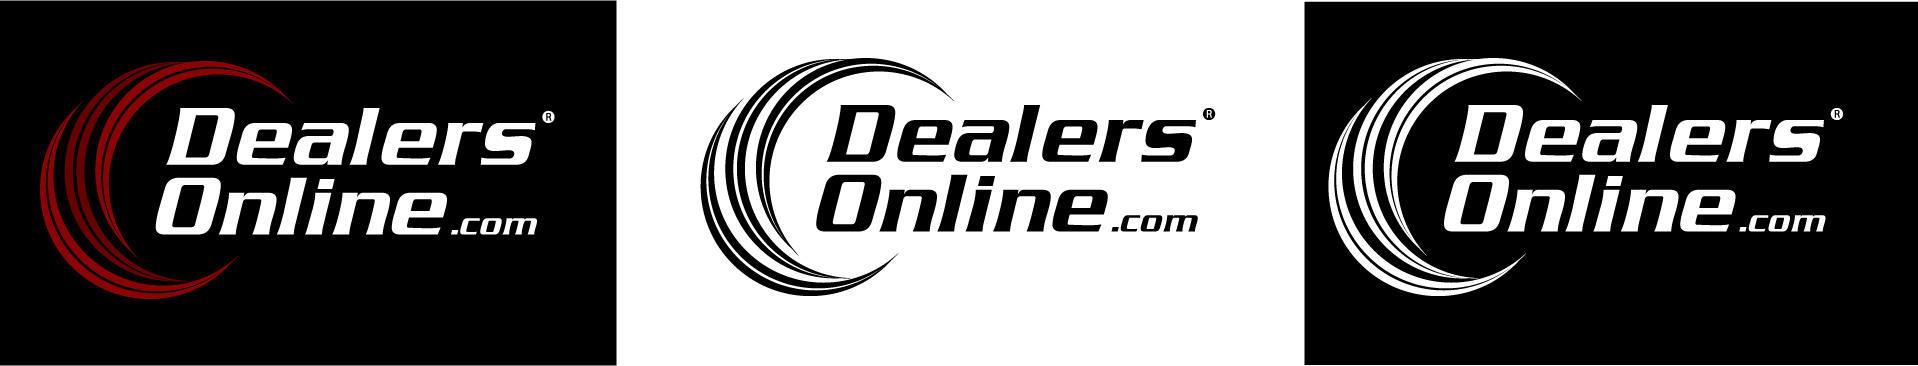 DealersOnline final logo